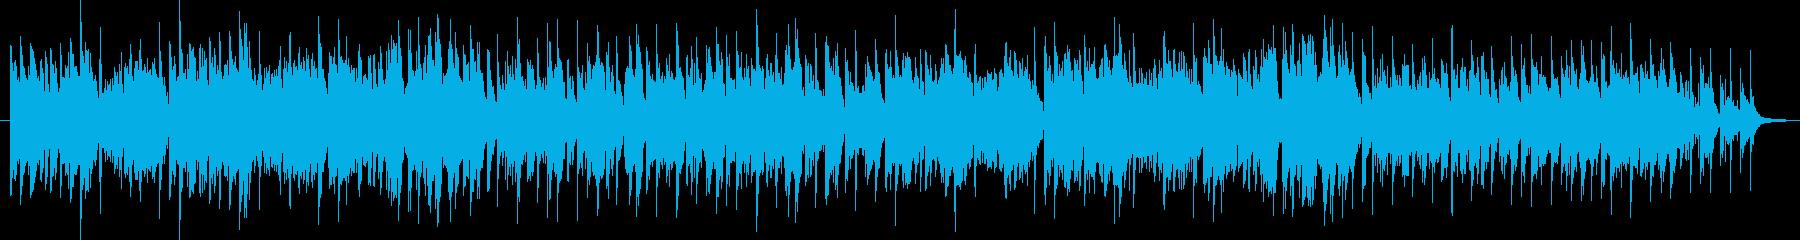 マリオ系bgm雪コースの再生済みの波形